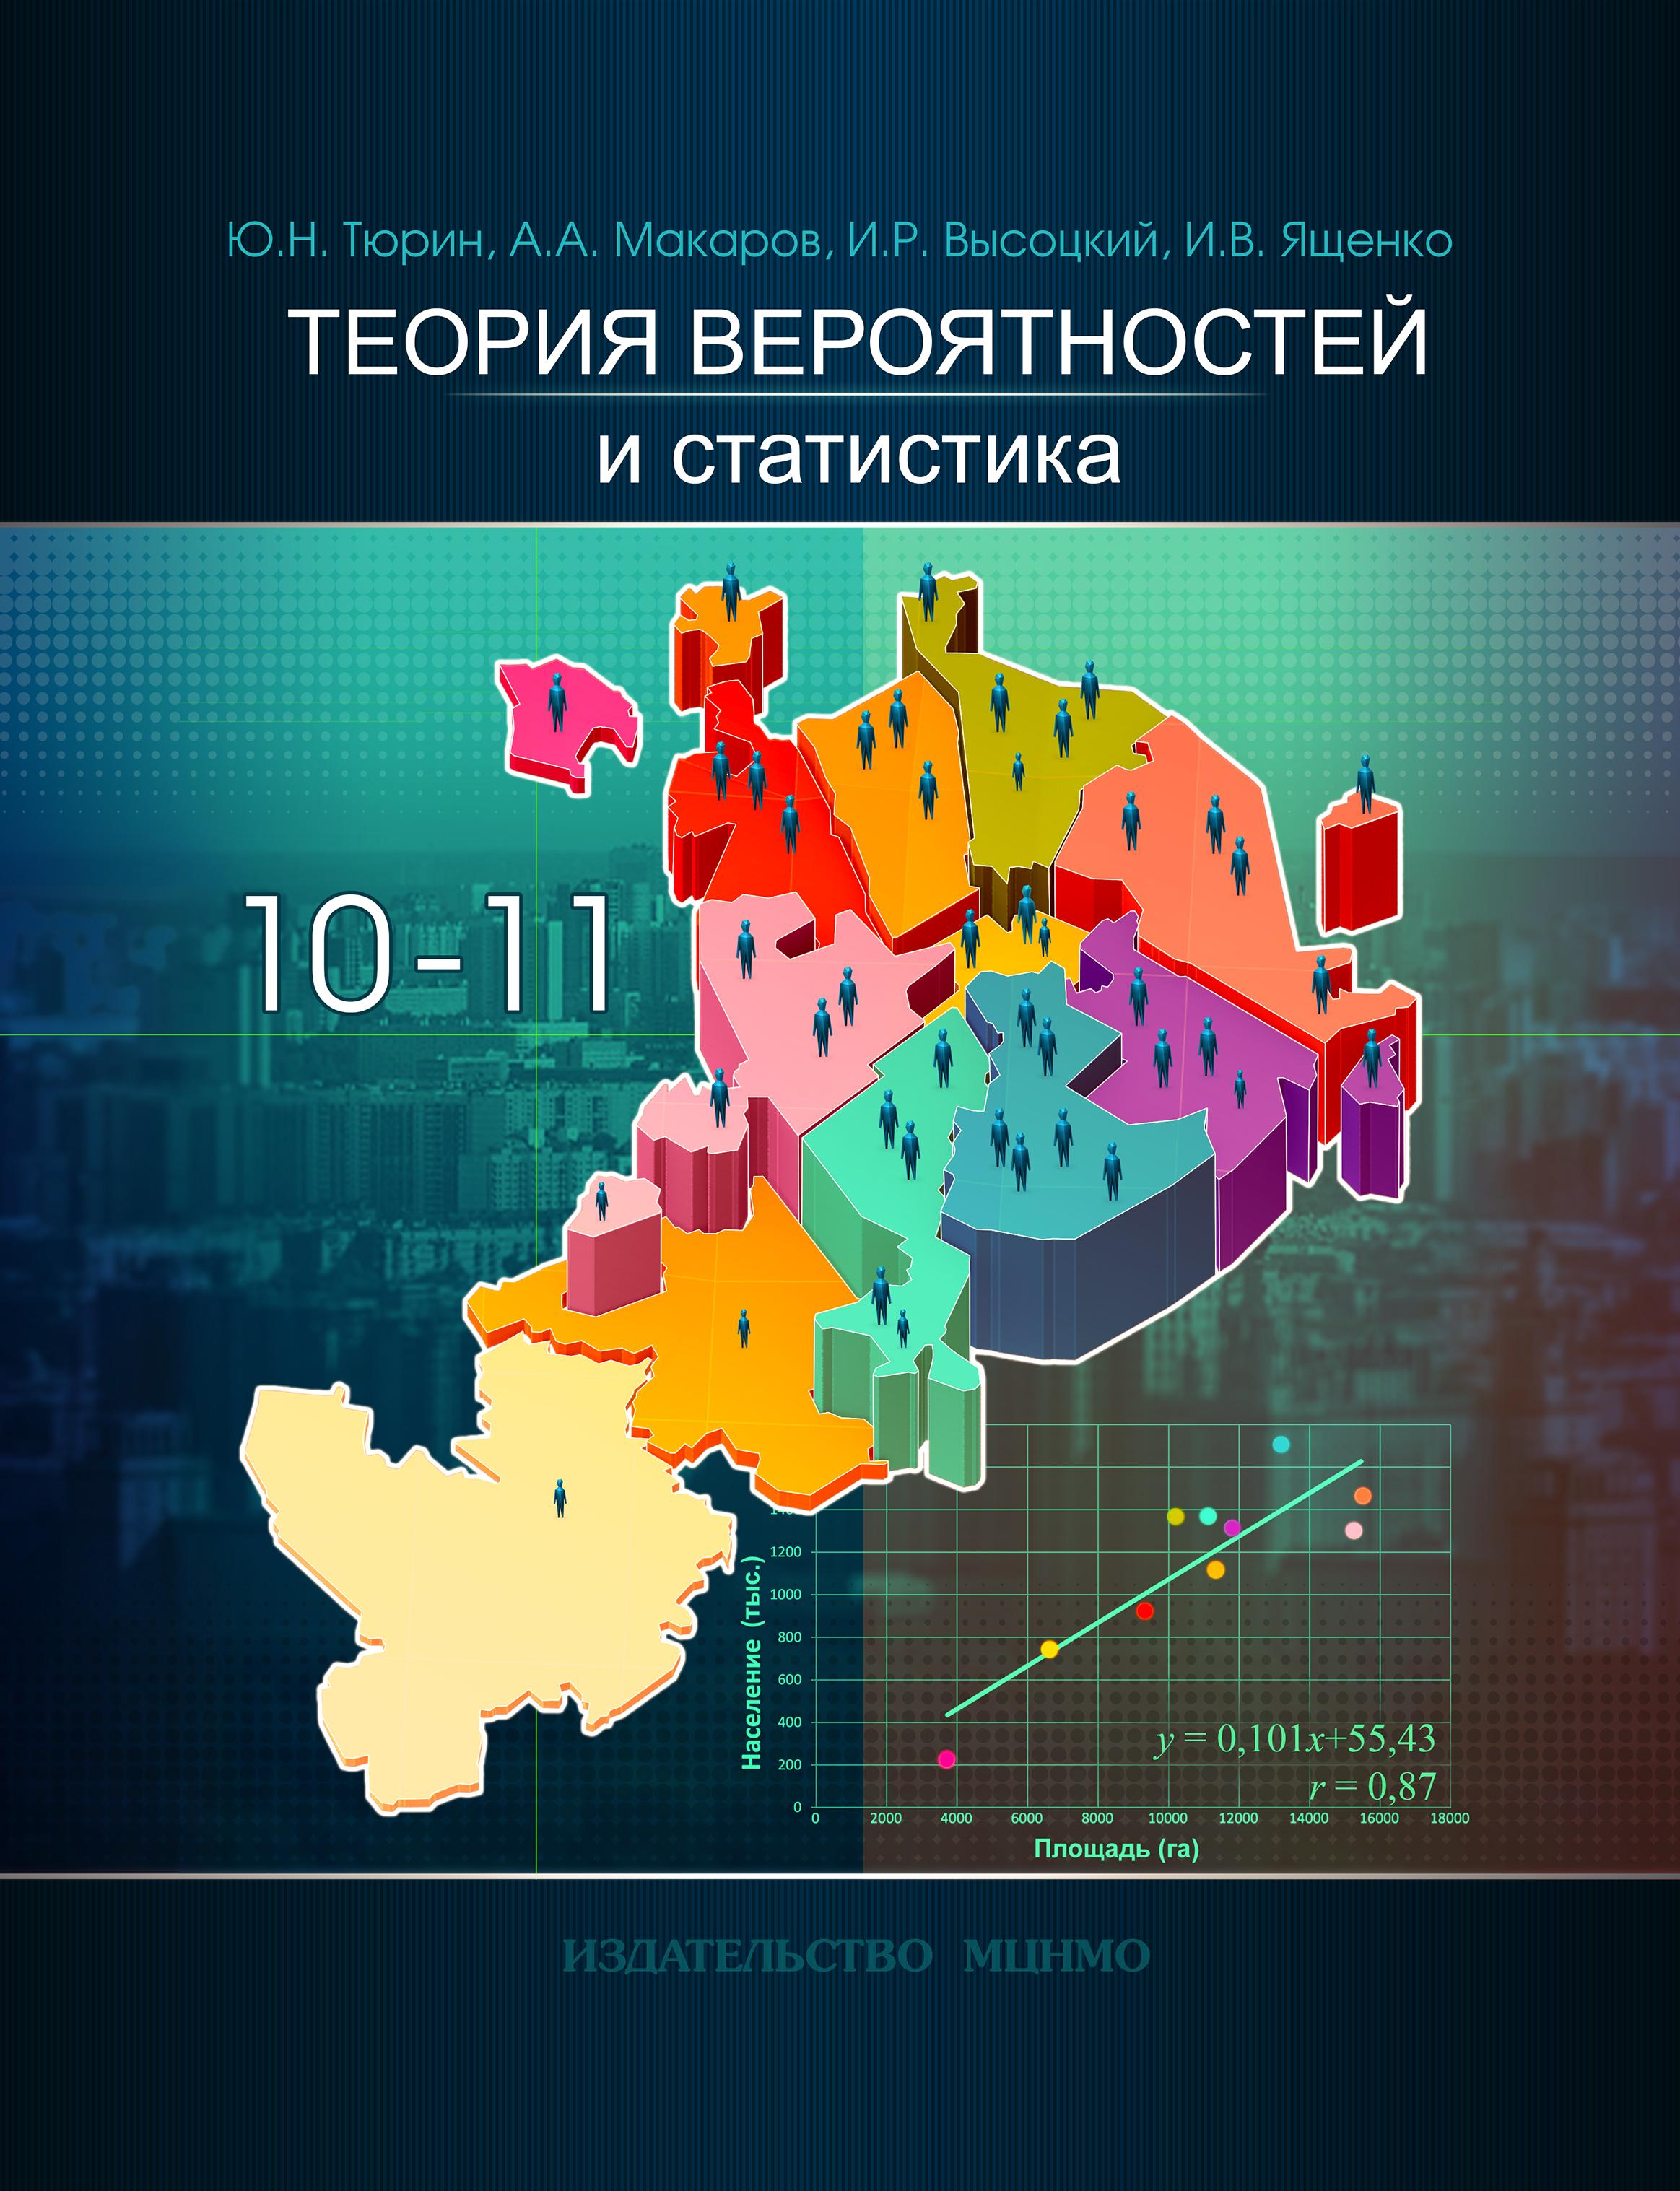 Теория вероятностей и статистика. Экспериментальное учебное пособие для 10-11 классов общеобразовательных учреждений.